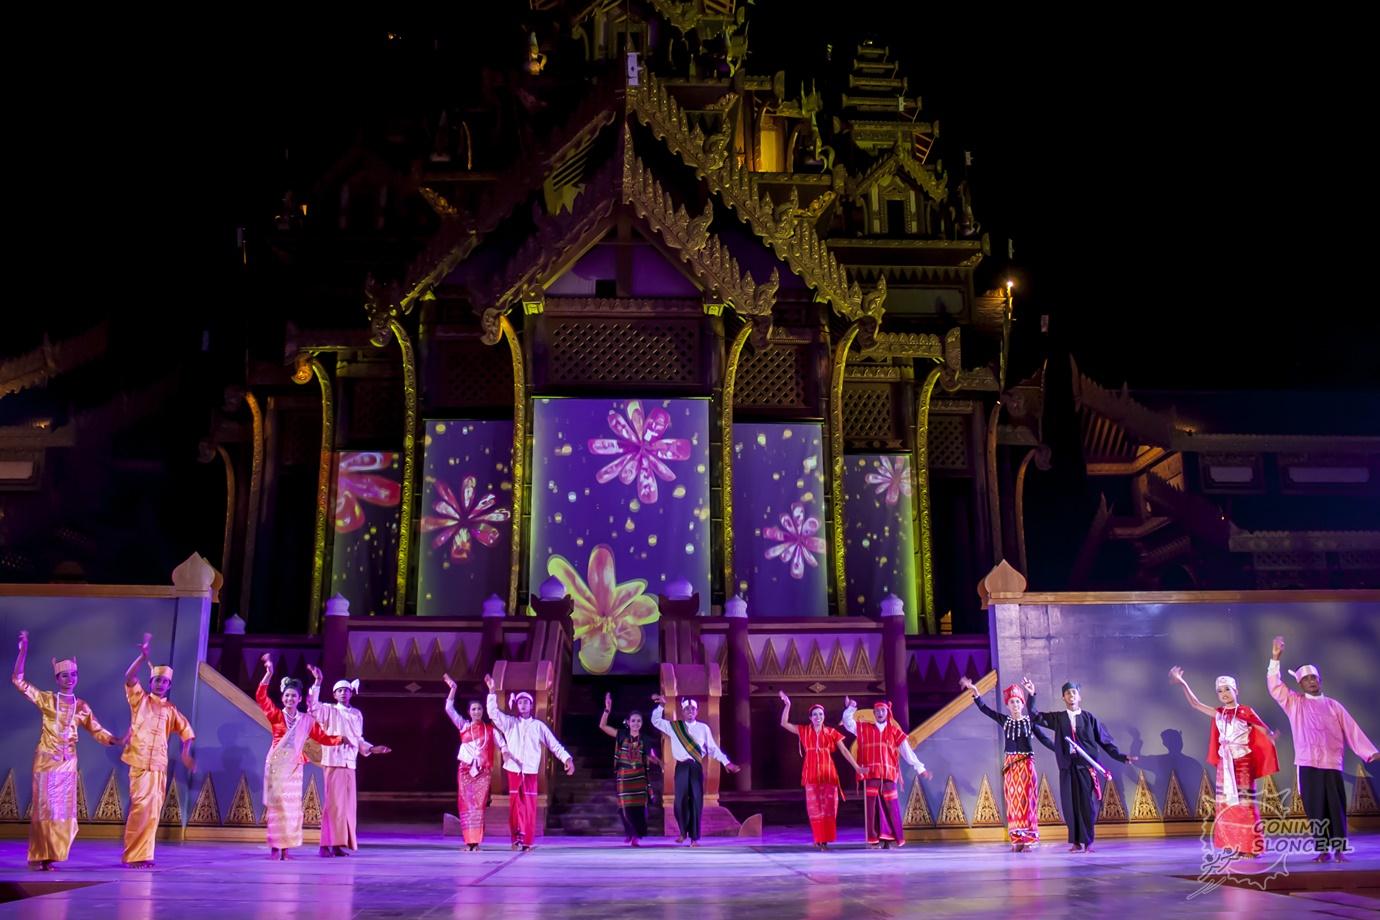 Dandaree - grupy etniczne dawnej Birmy